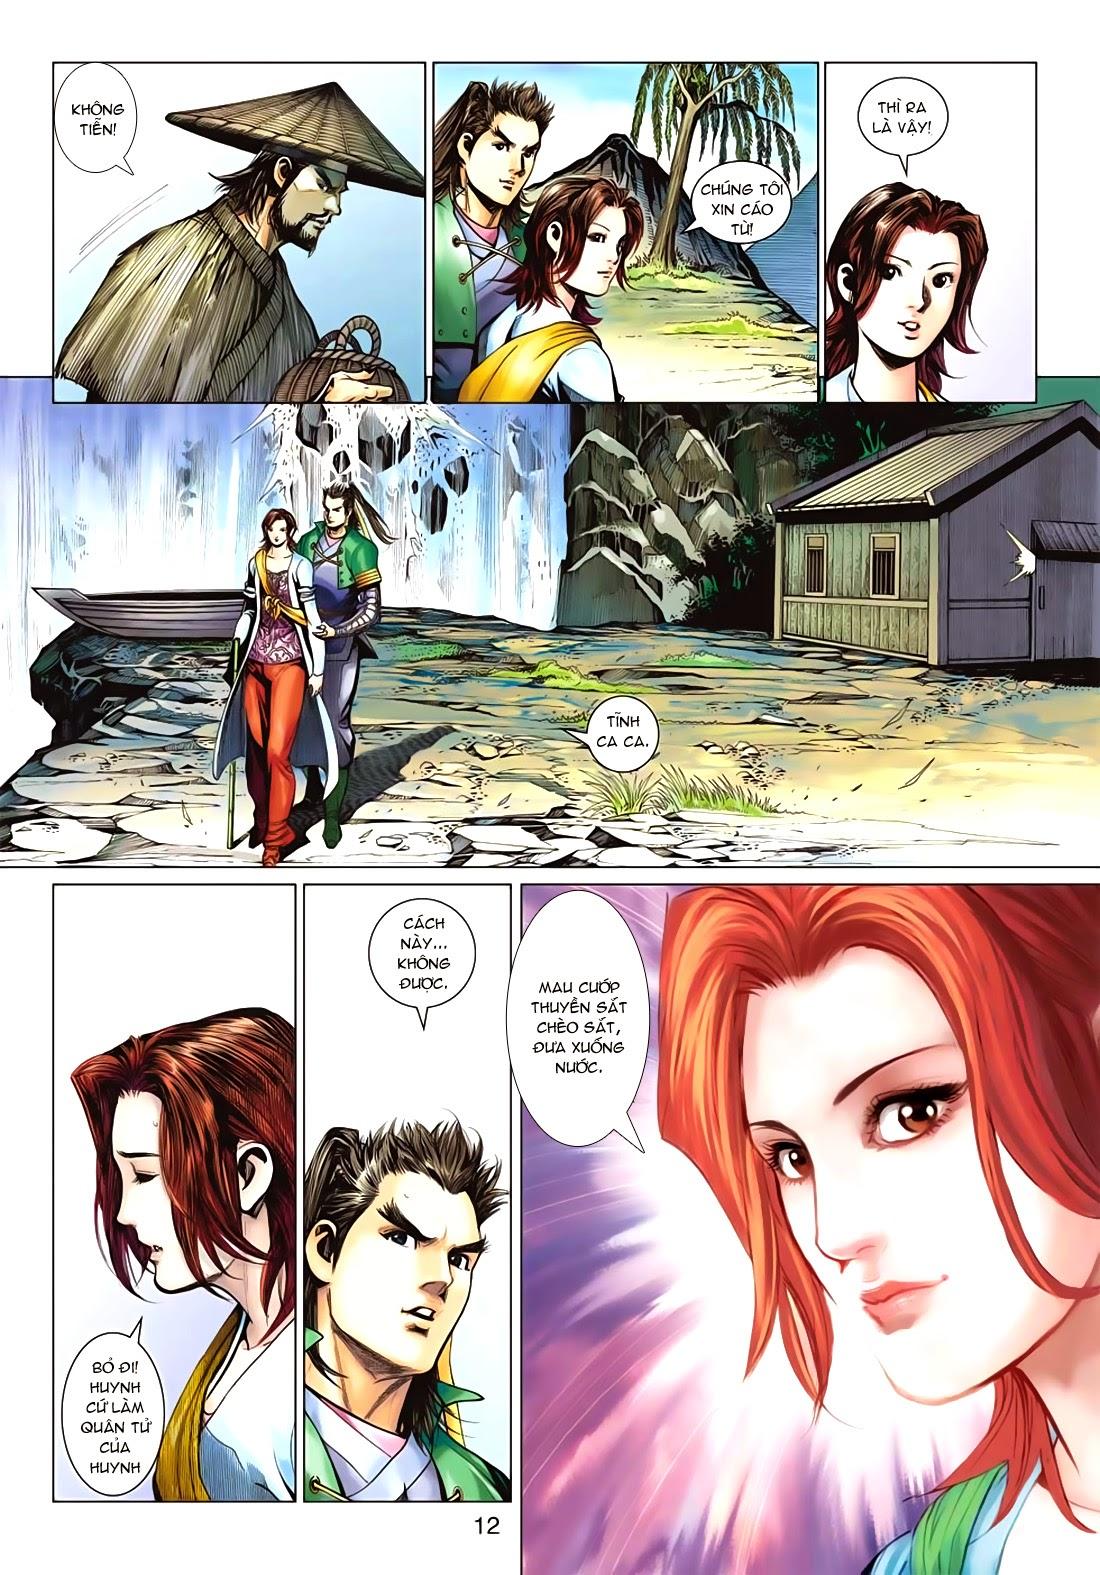 Anh Hùng Xạ Điêu anh hùng xạ đêu chap 72: ngư tiều canh độc trang 12